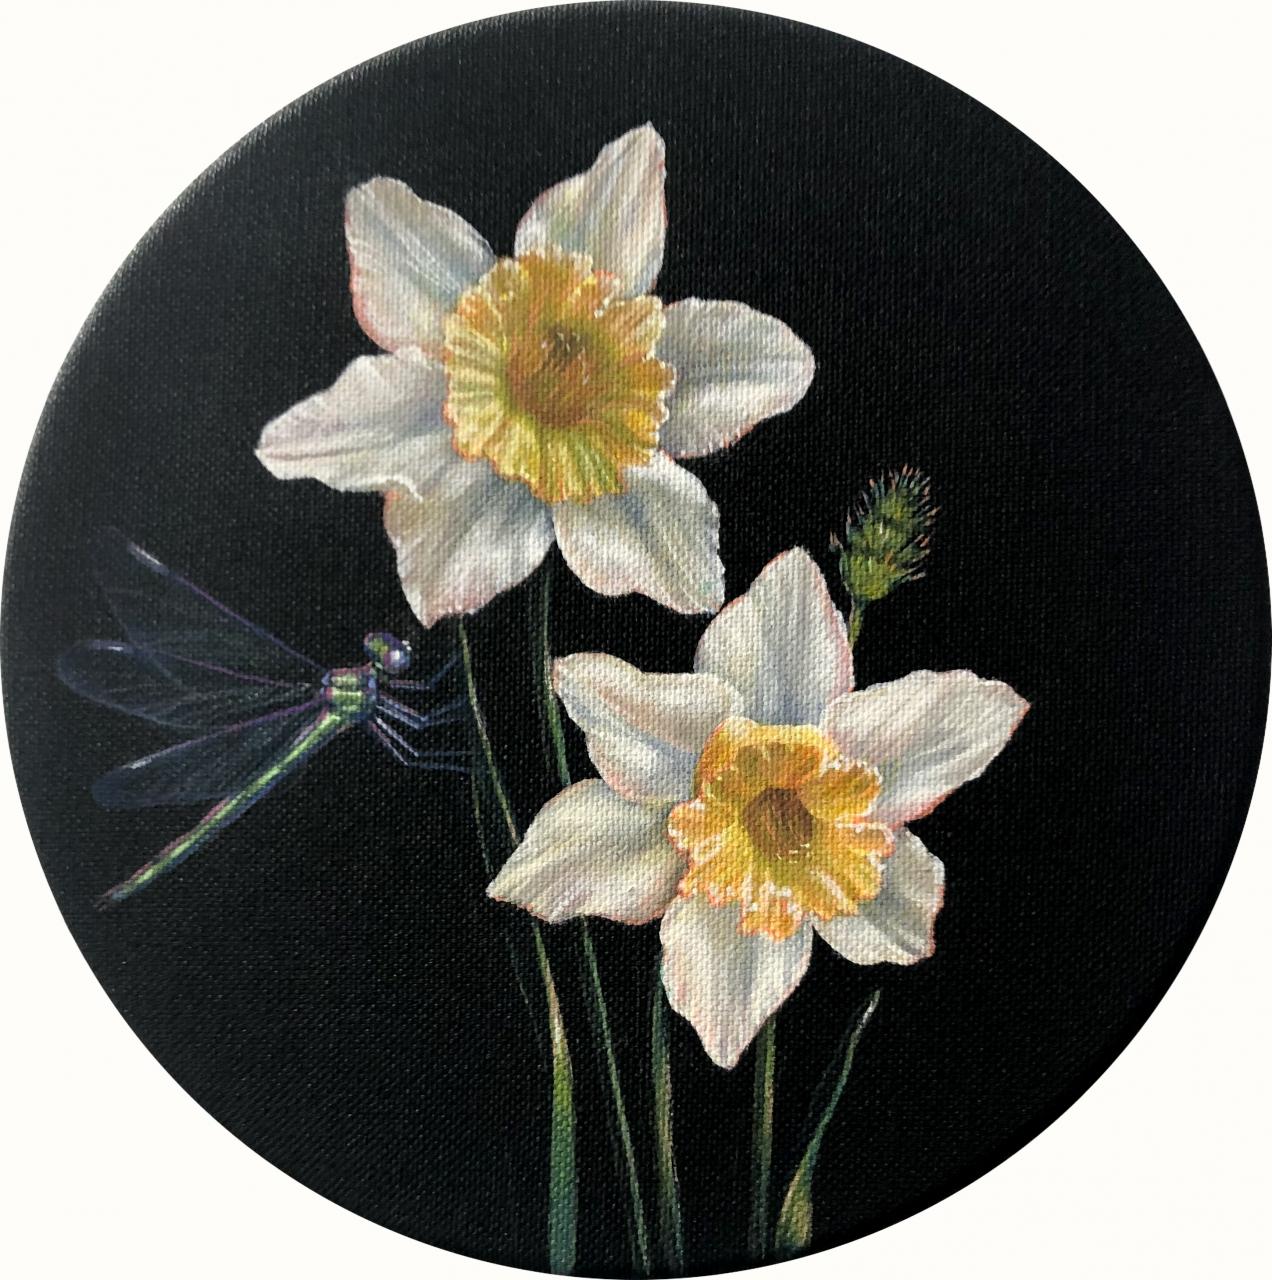 Narciso III